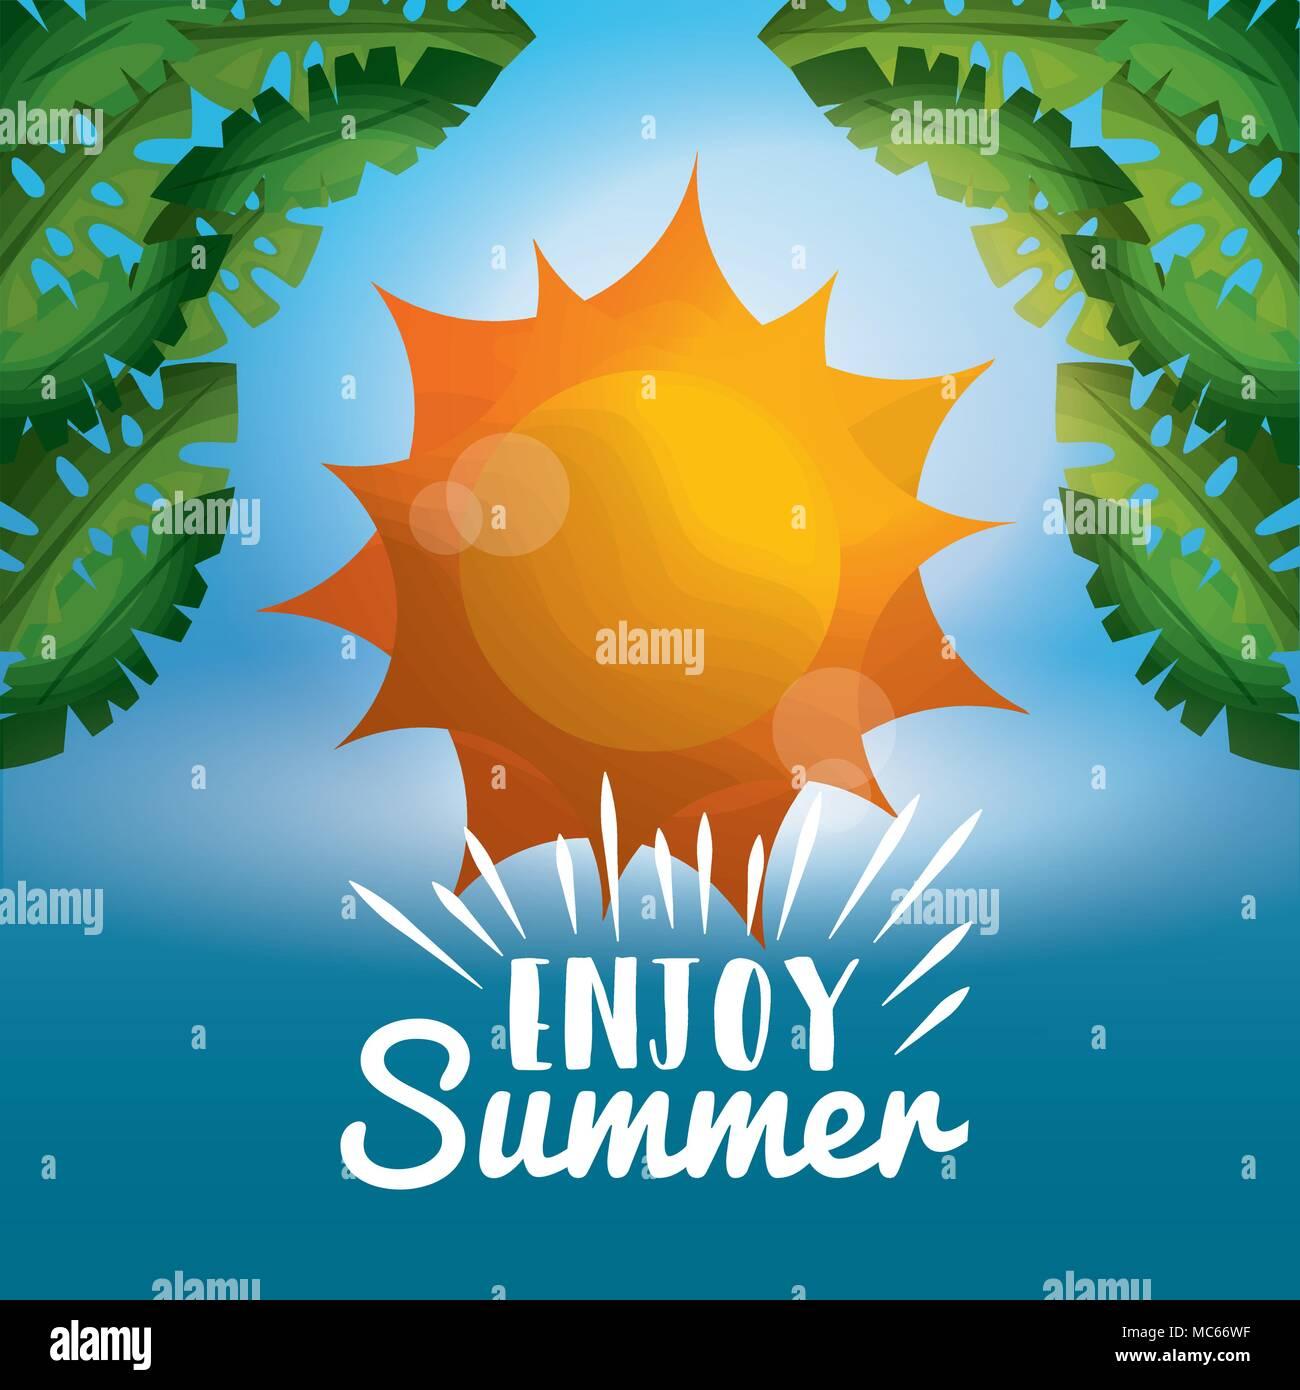 enjoy summer vacations - Stock Vector